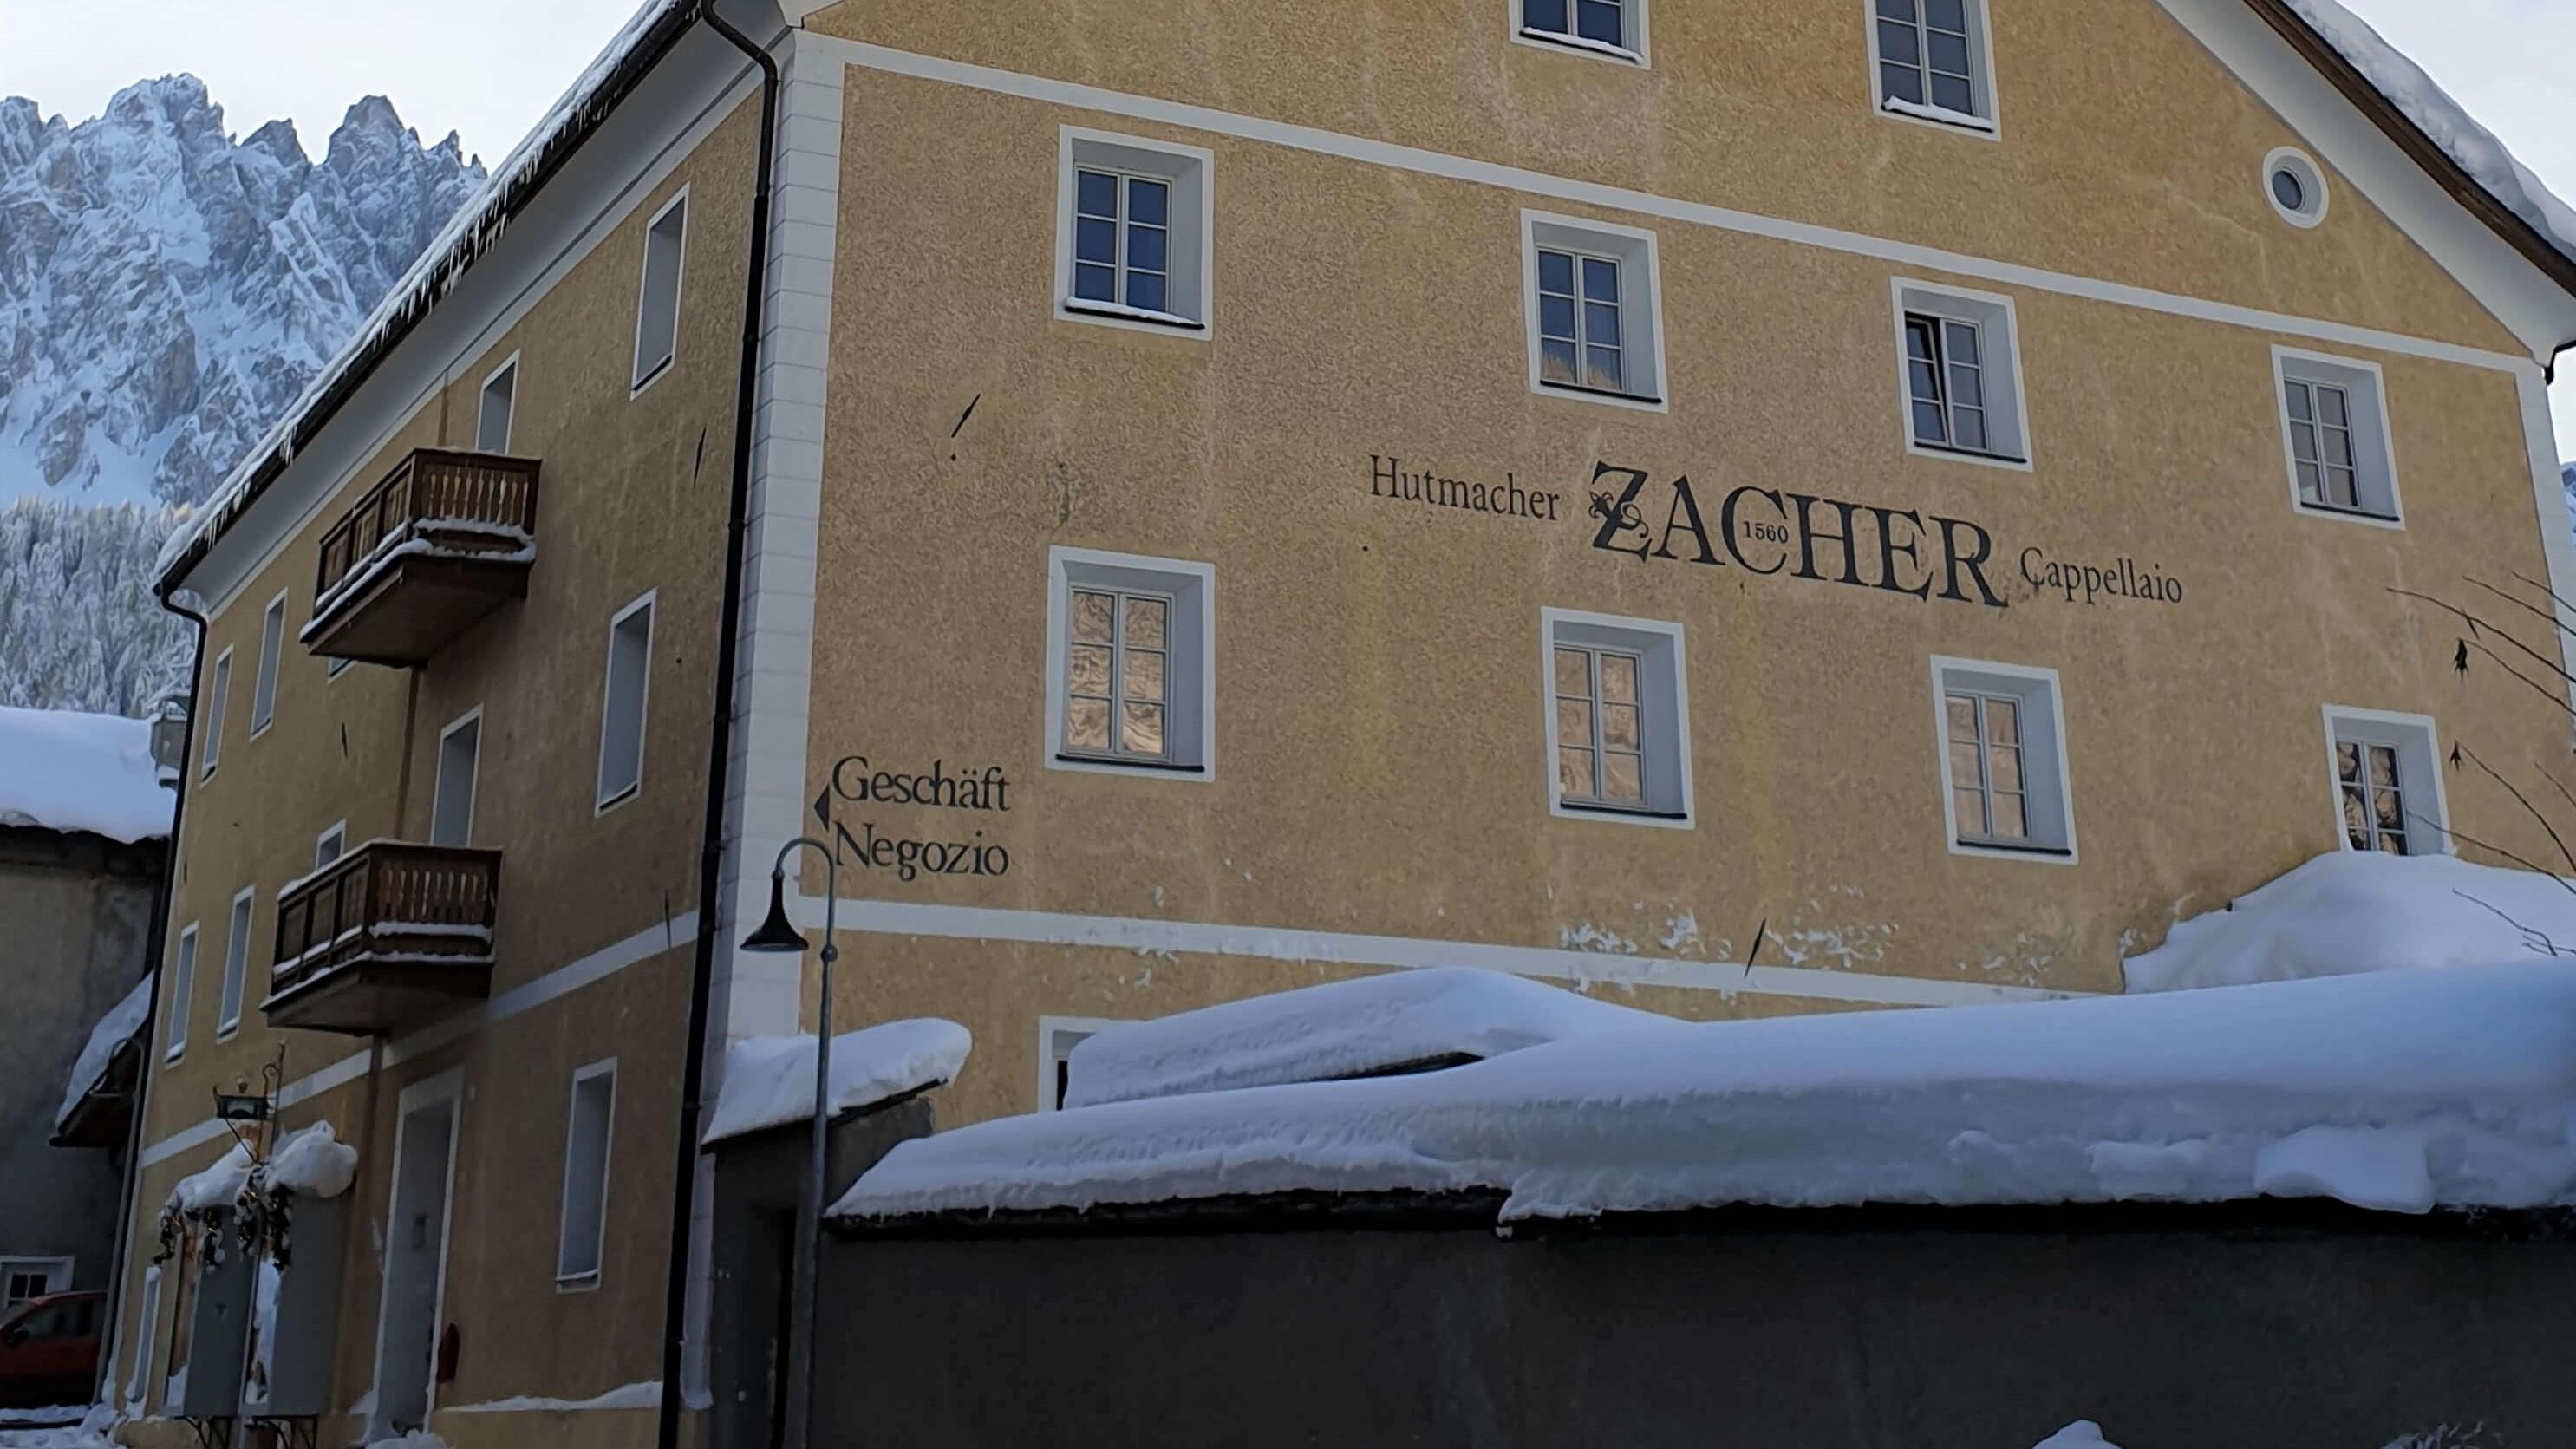 Das Hutmacherhaus der Familie Zacher im historischen Ansitz Thurn, nahe der Fußgängerzone von Innichen.